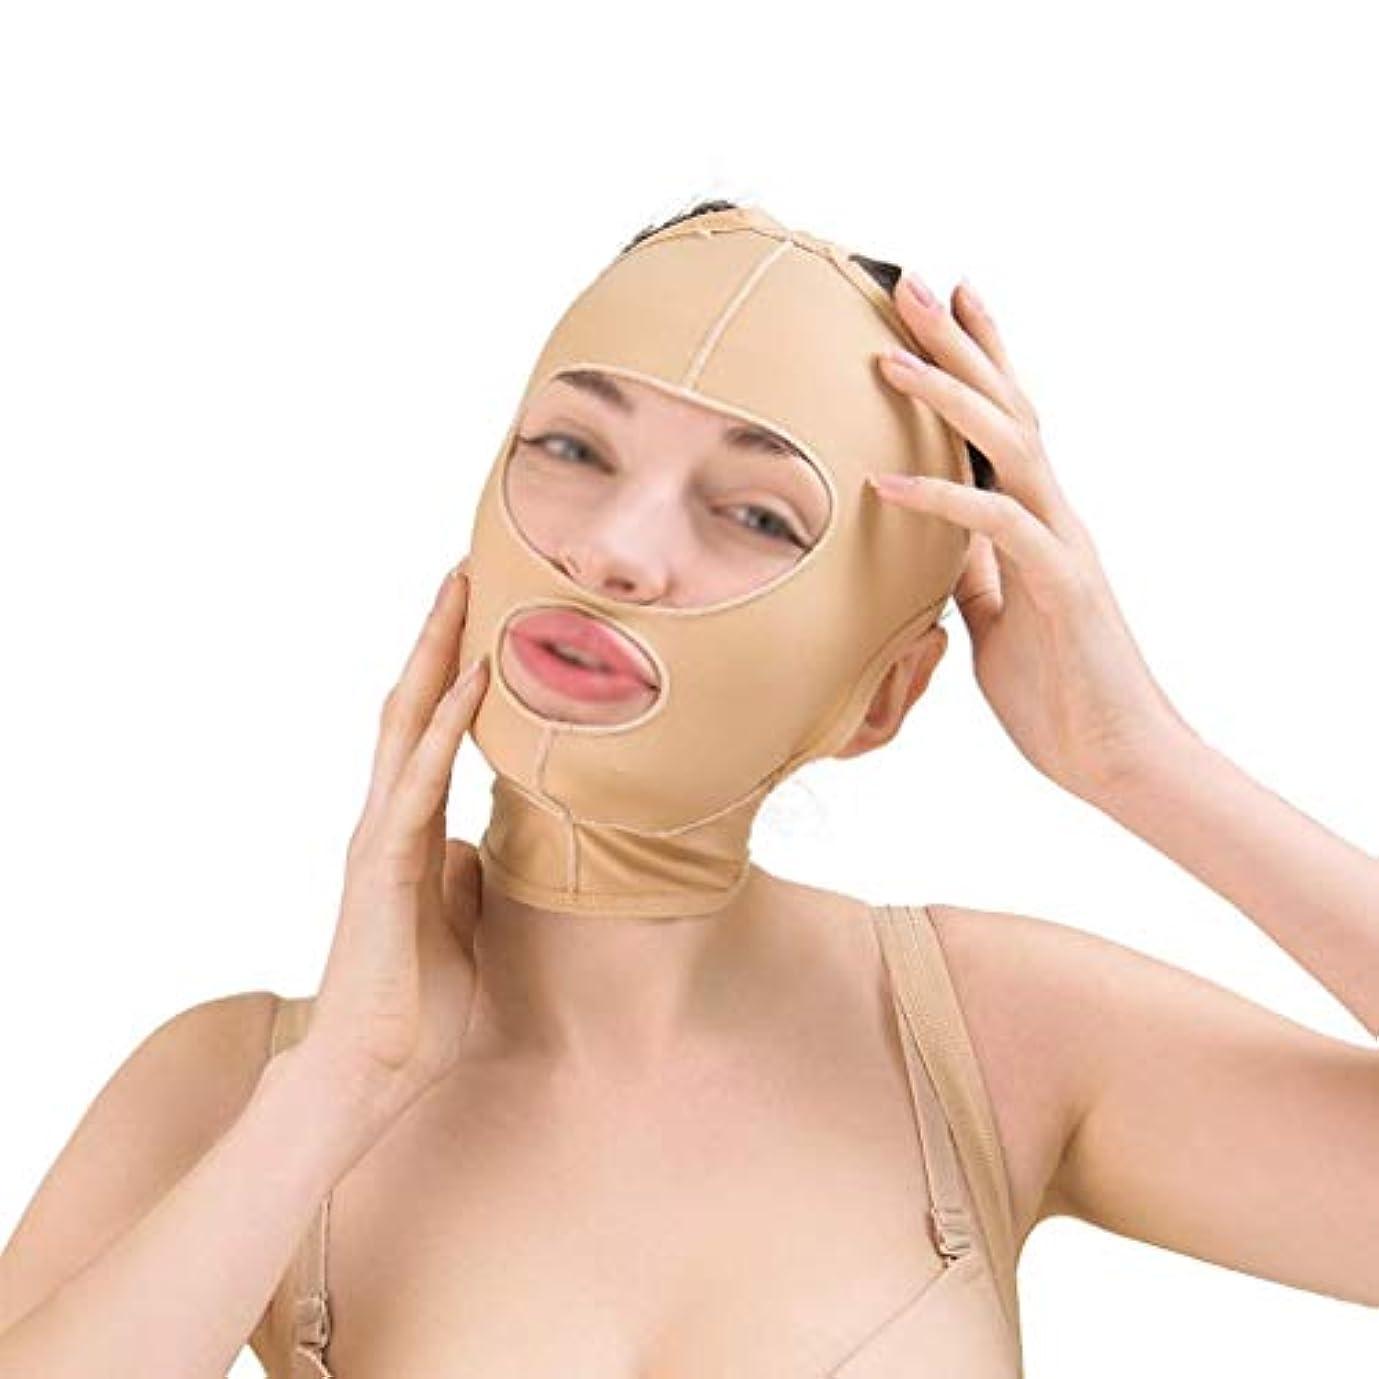 全体にアセンブリ人形美容フェイスリフト減量ベルト、ほおスリムフィット、通気性フェイスリフト、引き締め、リフティング包帯、フェイシャルスキン包帯(サイズ:M),S